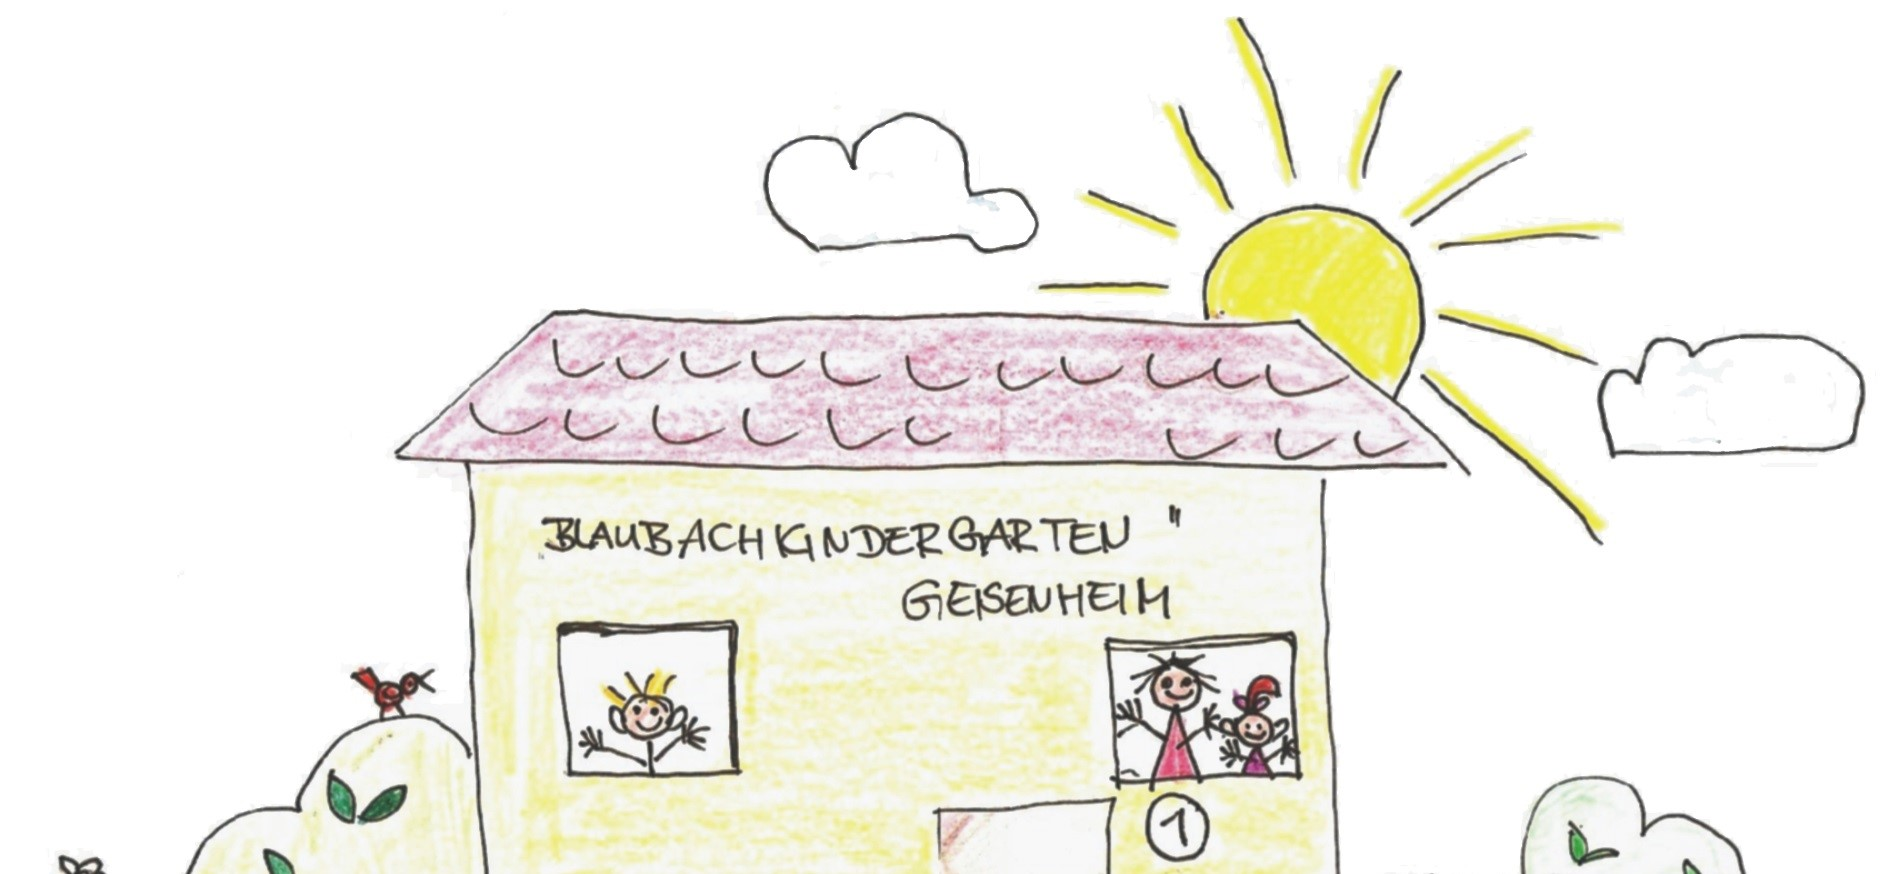 Förderverein der Kindertagesstätte Blaubach e.V.